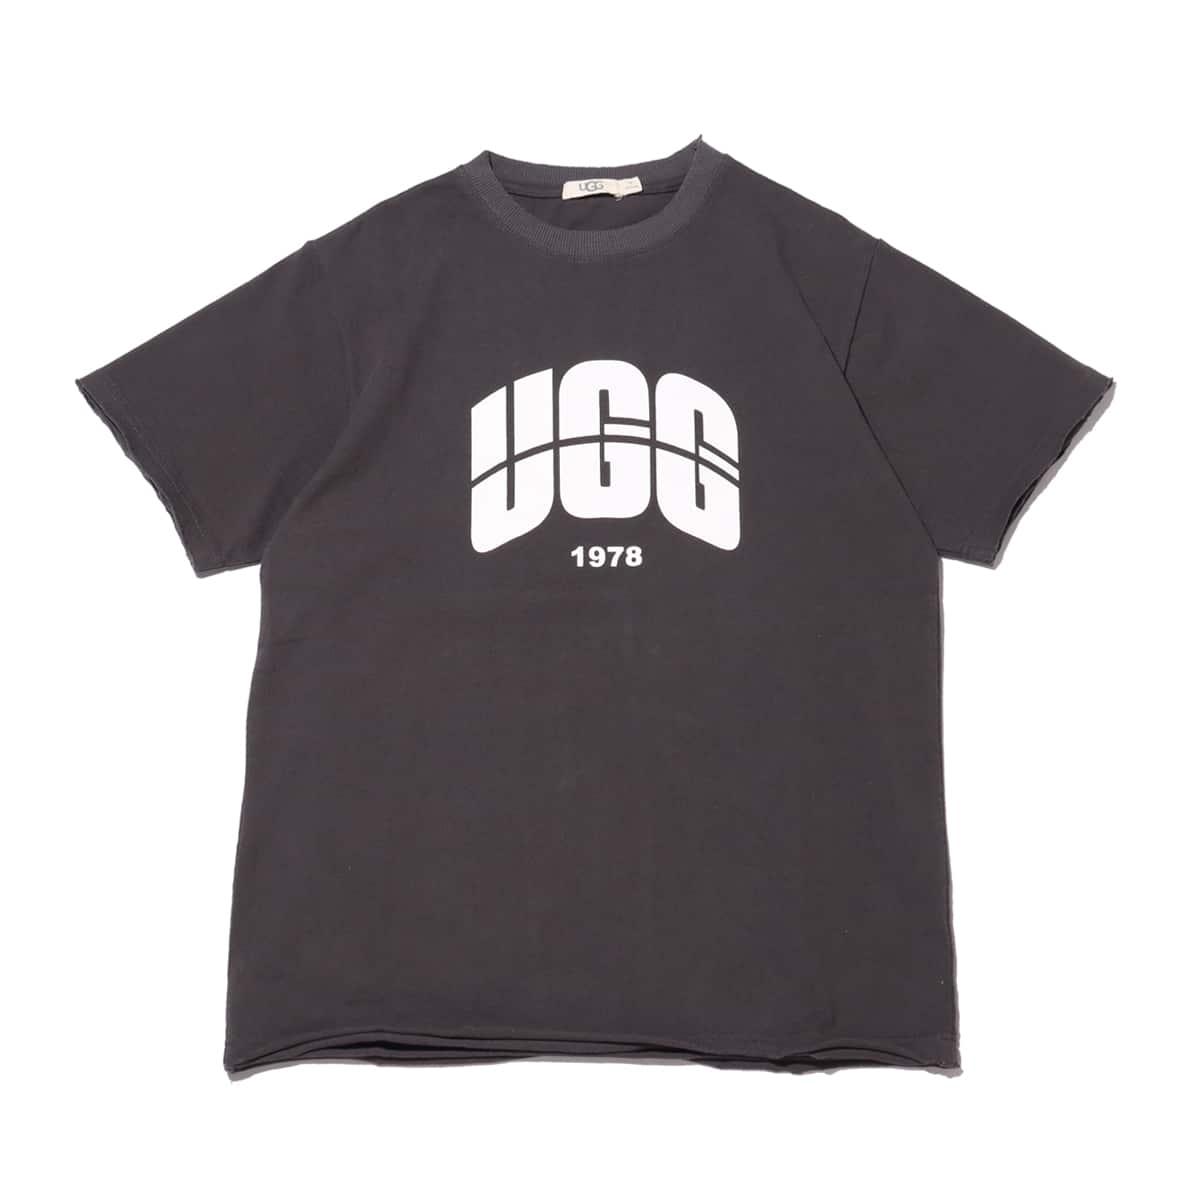 UGG ロゴアレンジ Tシャツ GRAY 21SP-I_photo_large